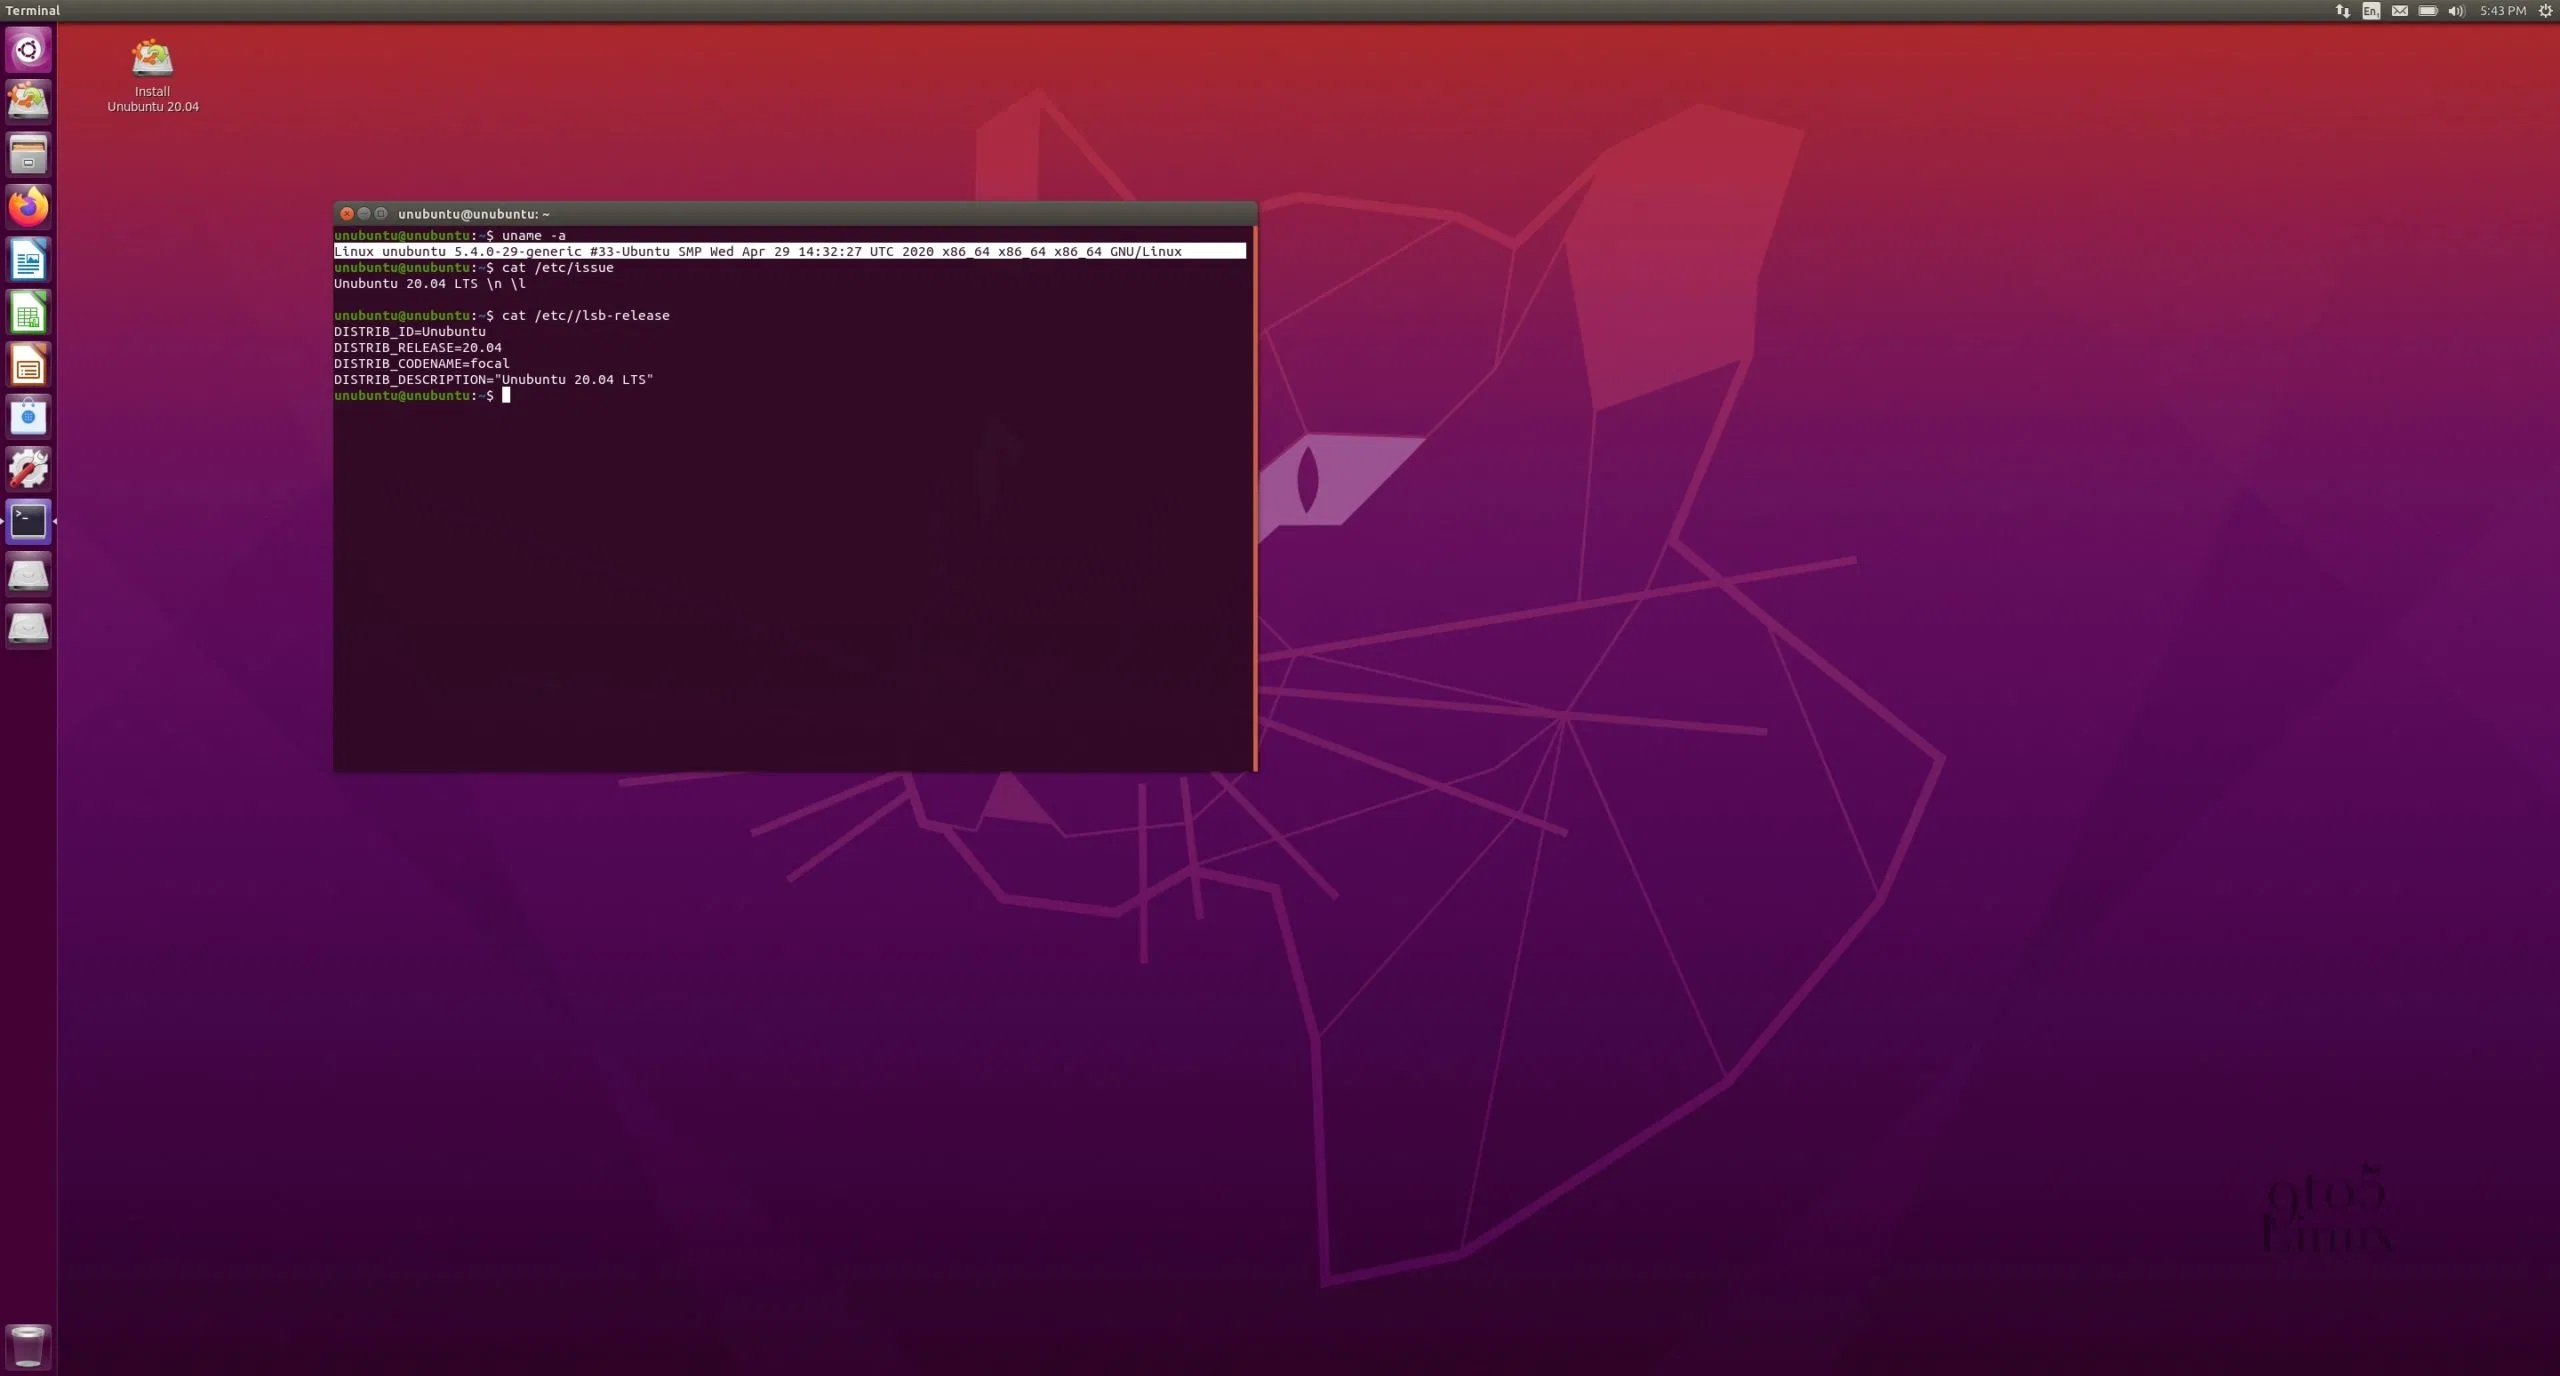 Ubuntu Unity Remix 20.04